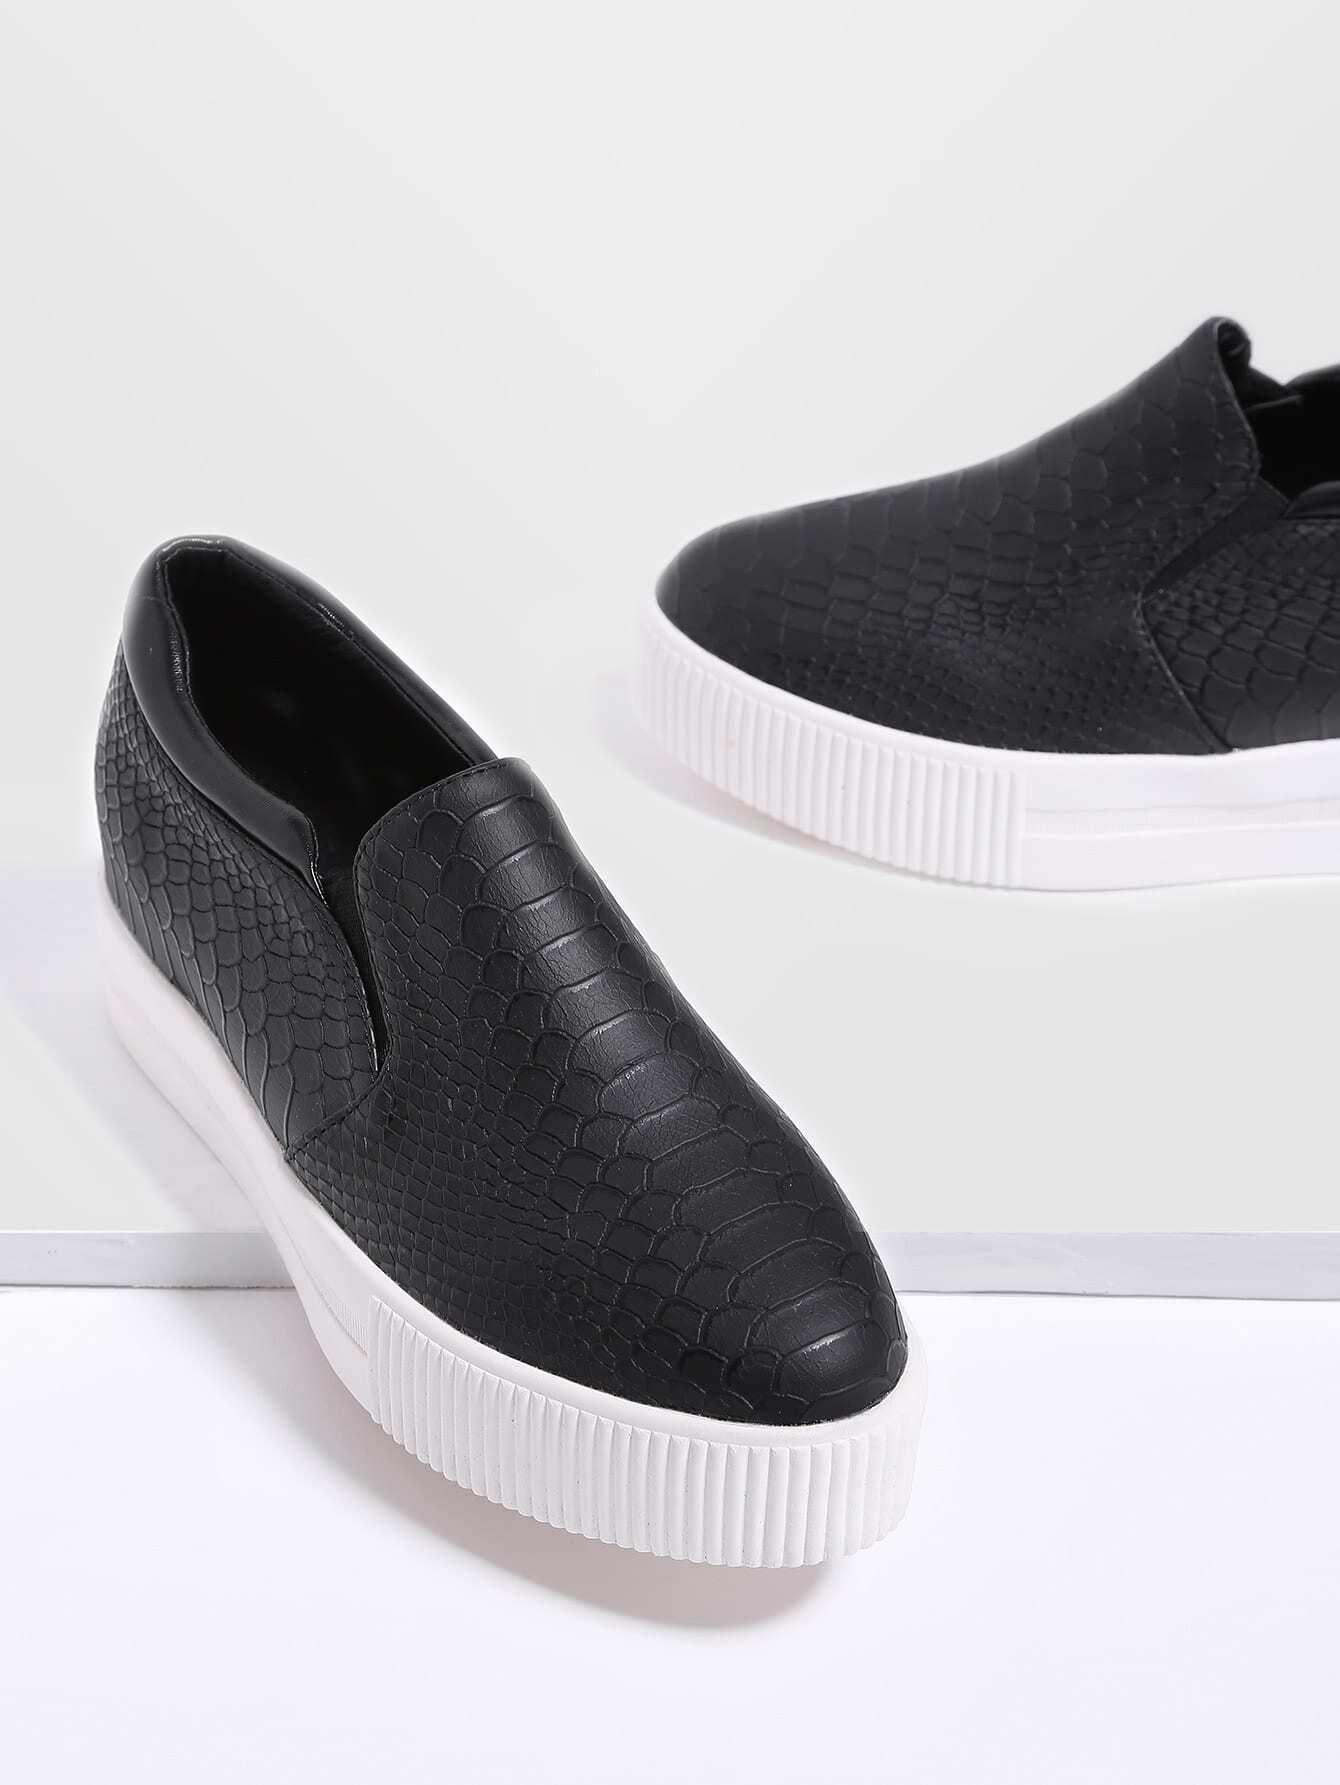 Black Crocodile Pattern Flatform Sneakers